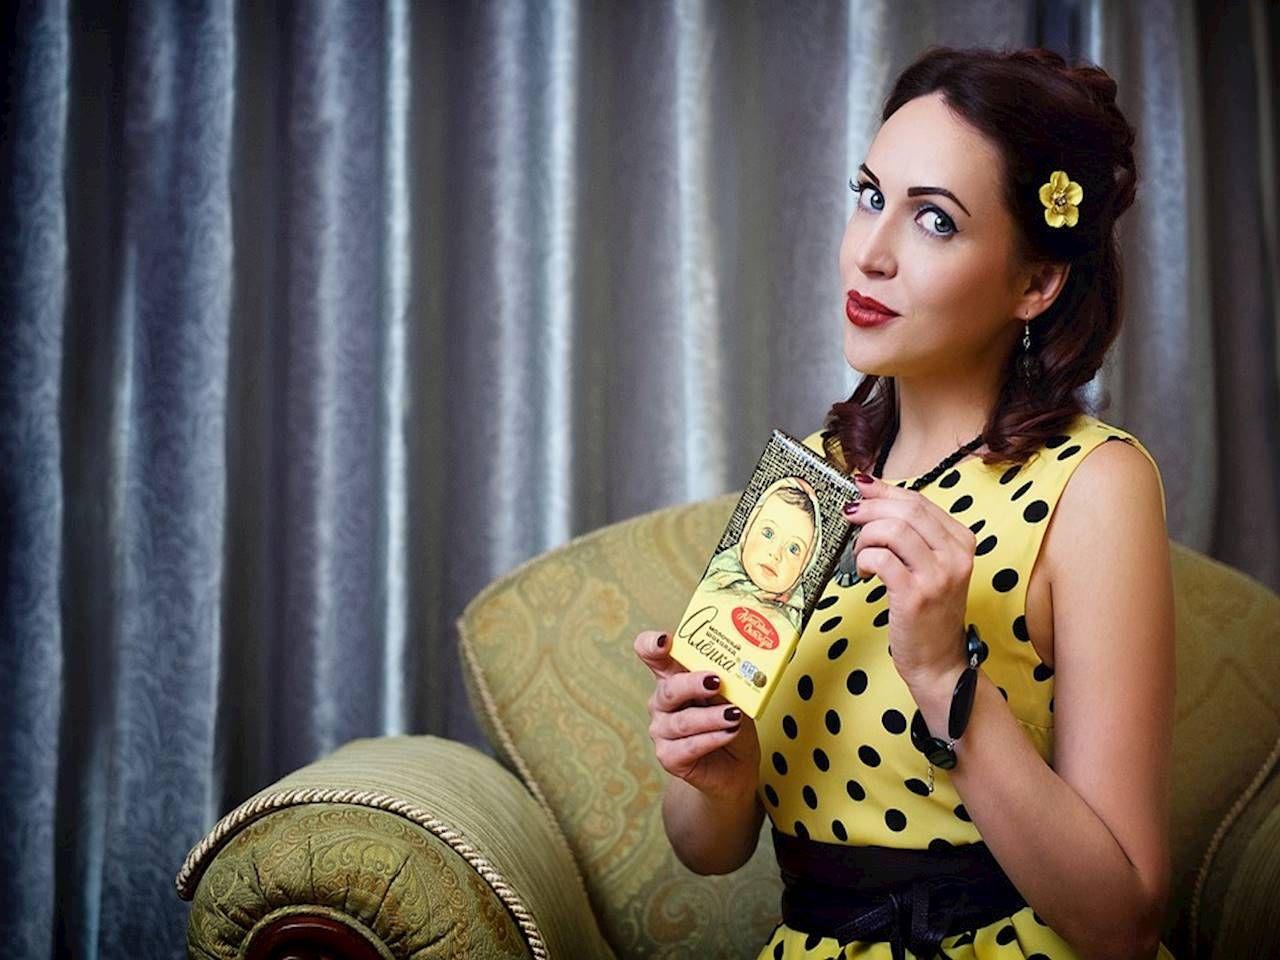 fd946987bf Chcesz nosić sukienki retro  Ubrania w stylu Vintage  Sprawdź inspiracje  modowe - jak je nosić! - Kraina Stylu